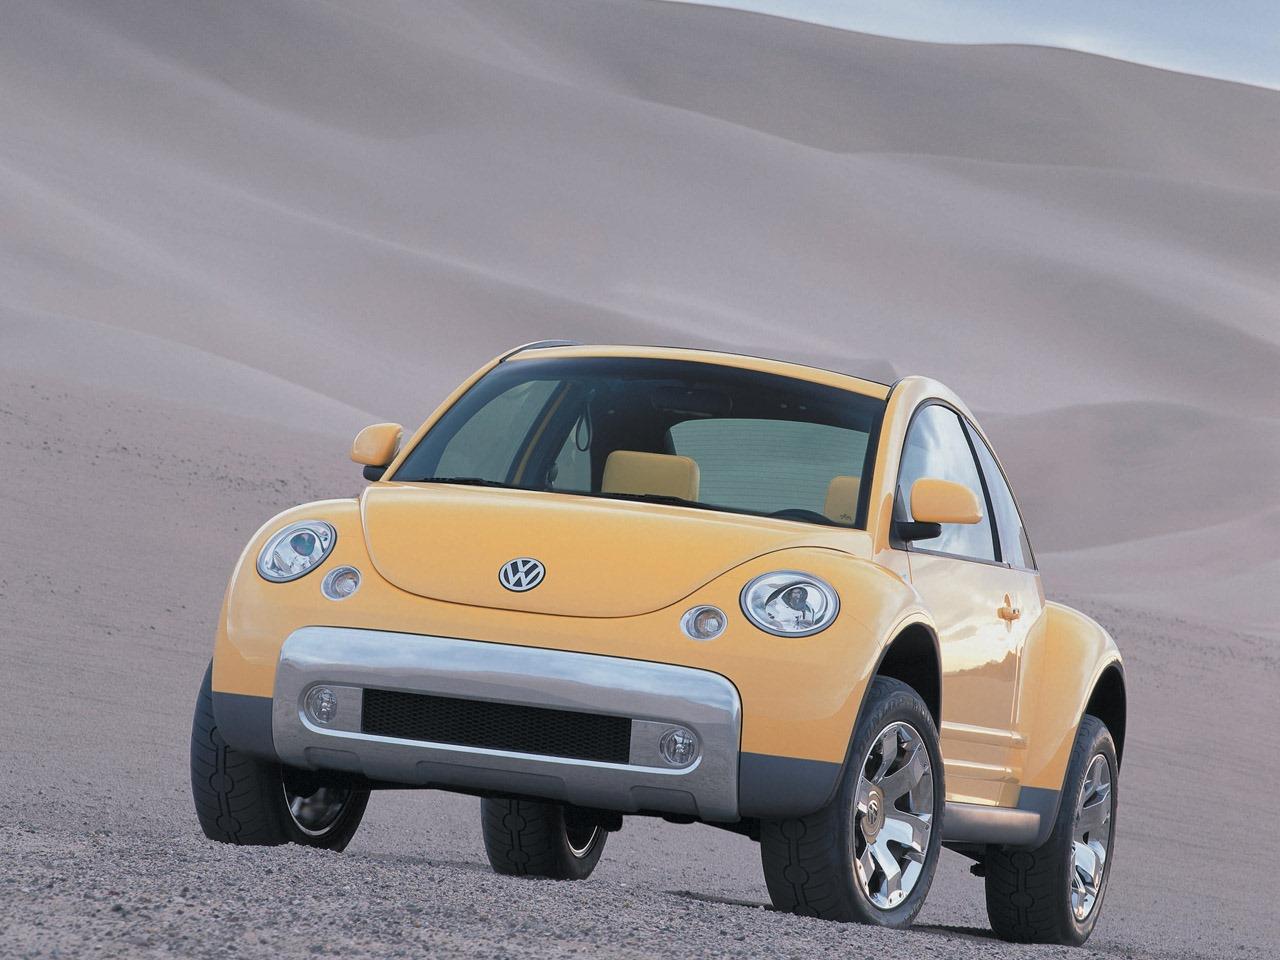 2000 vw new beetle dune desert 112. Black Bedroom Furniture Sets. Home Design Ideas